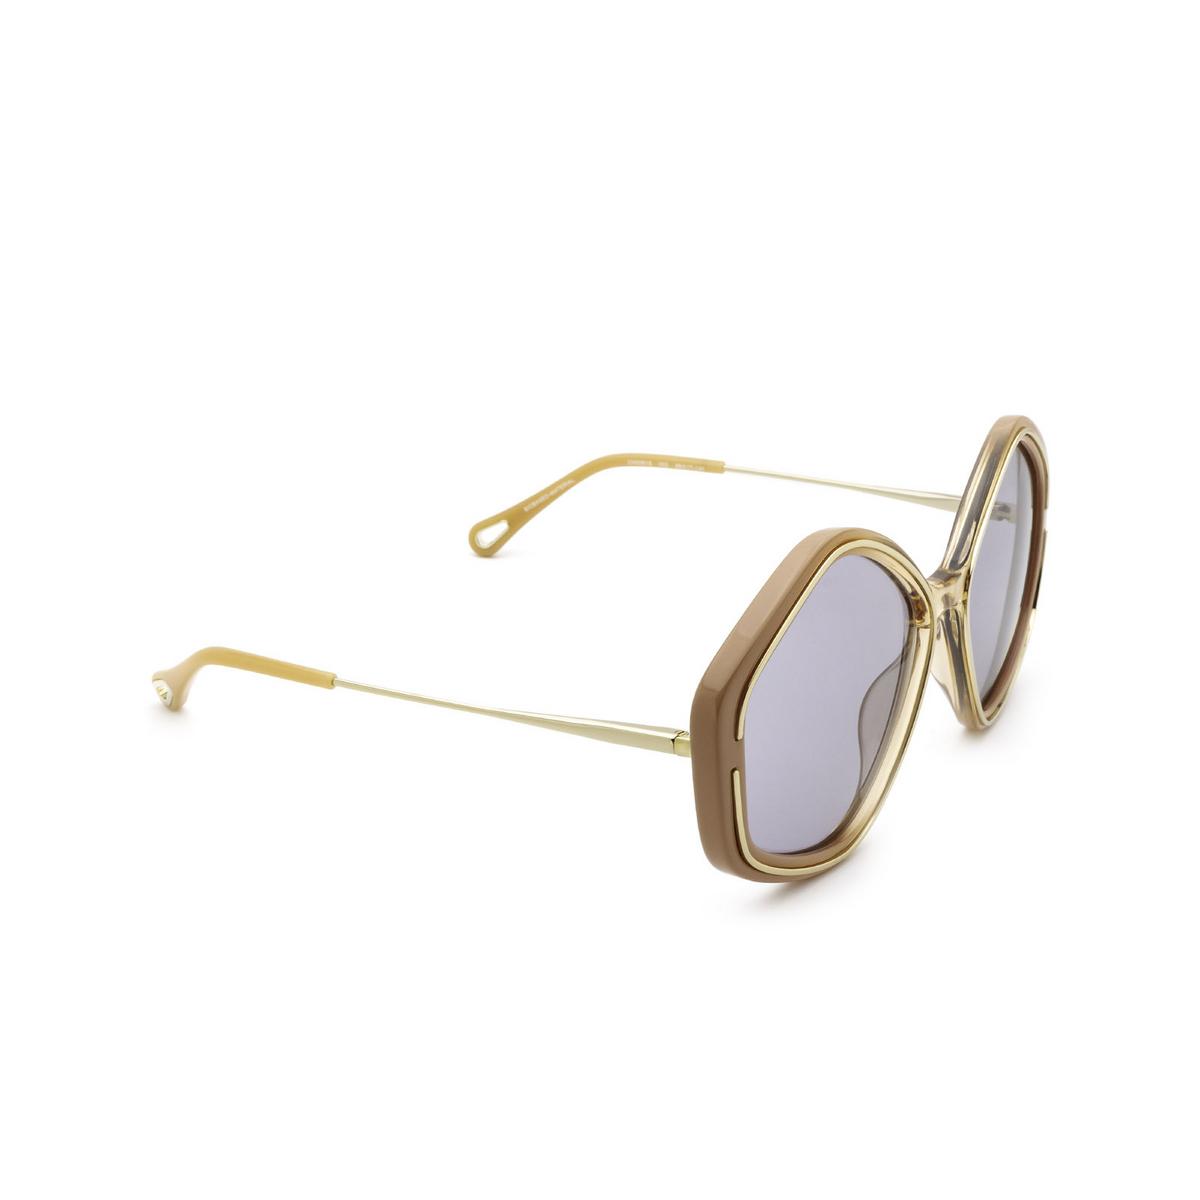 Chloé® Irregular Sunglasses: CH0061S color Nude 002 - three-quarters view.